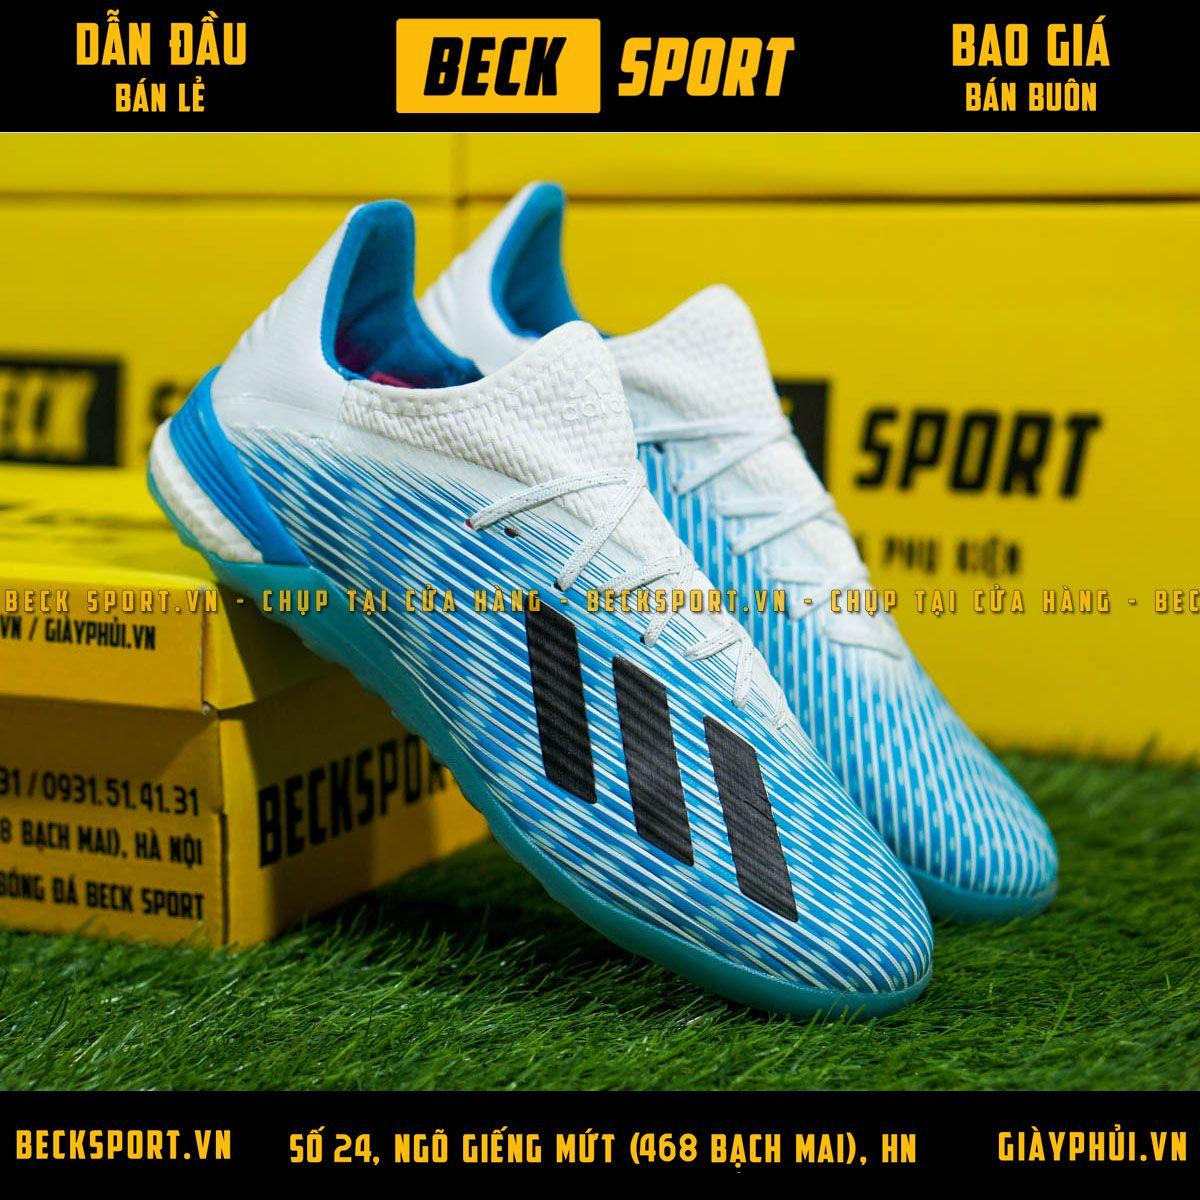 Giày Bóng Đá Adidas X 19.1 Xanh Biển Vạch Đen Gót Trắng IC